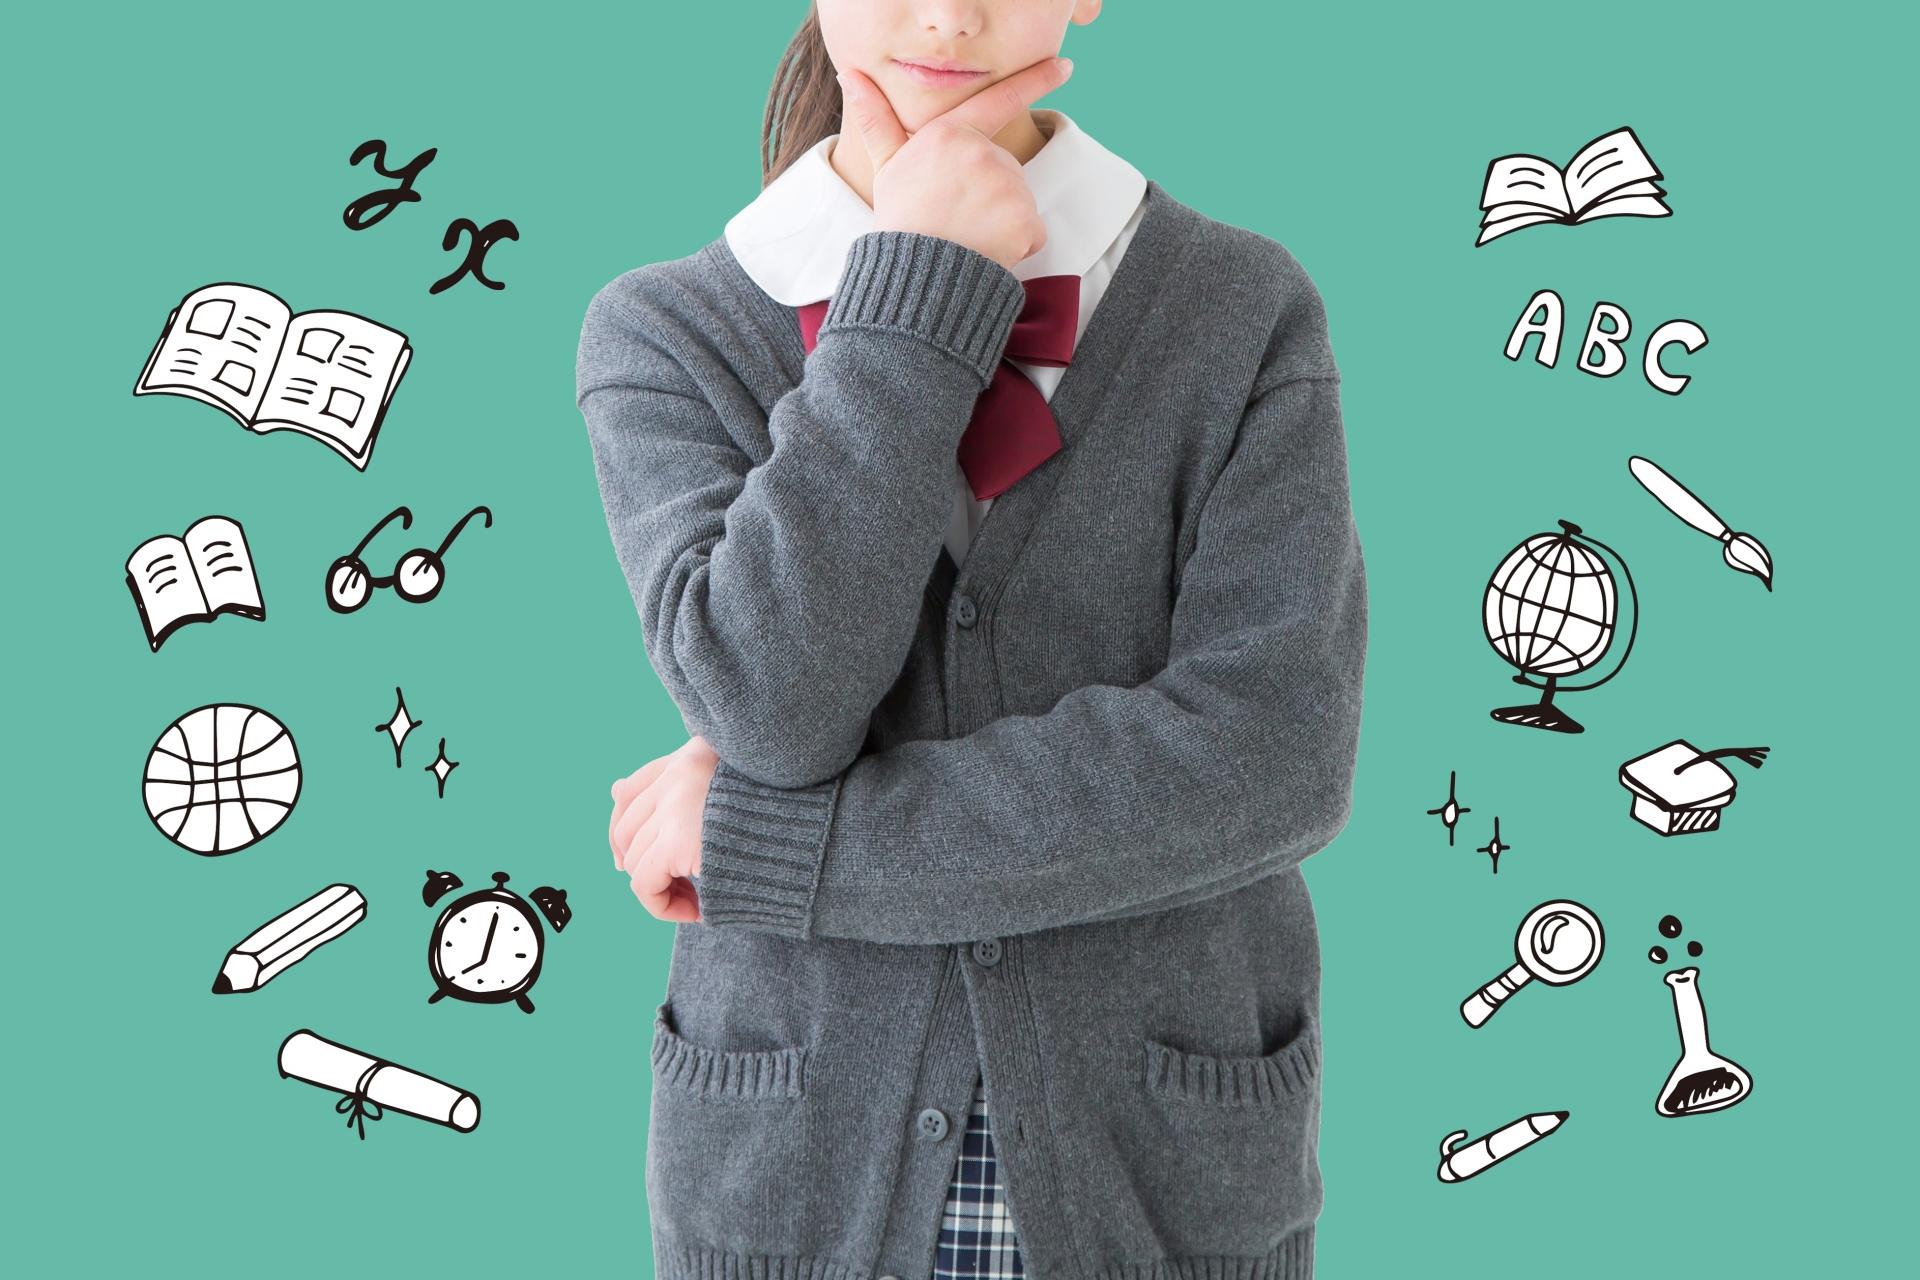 悩む学生のイメージ